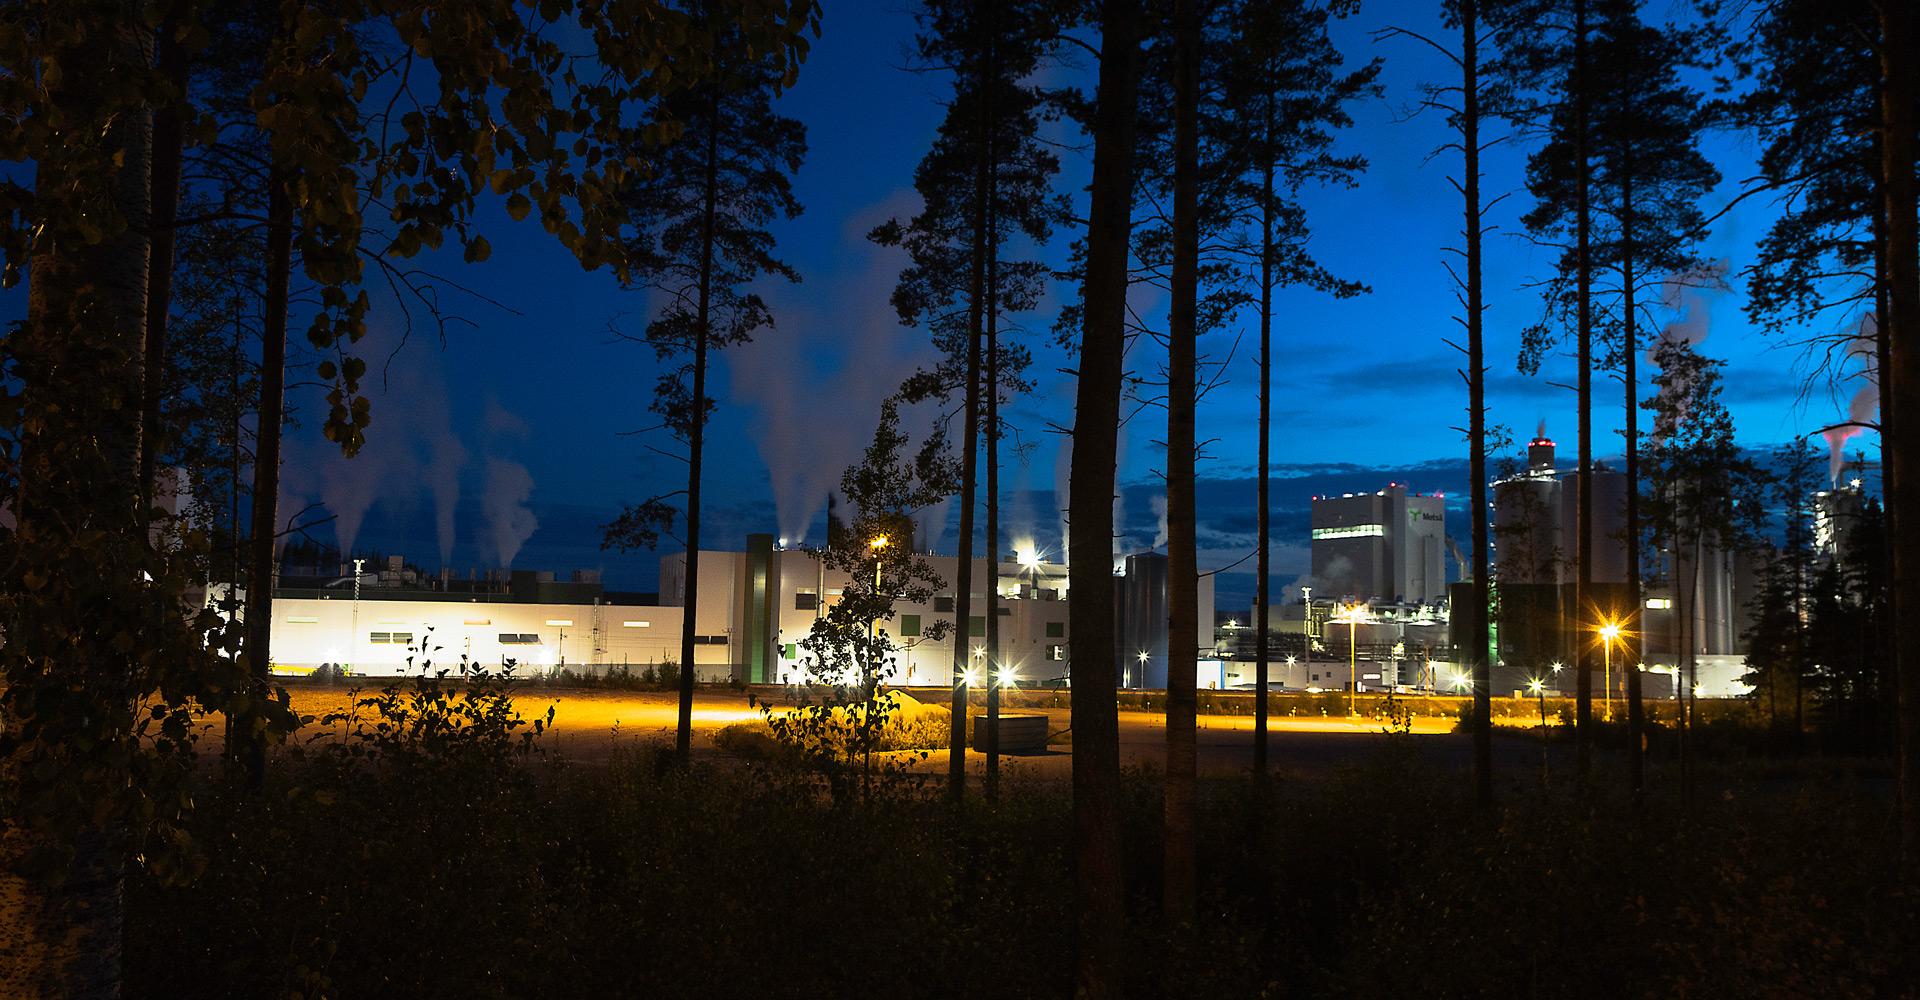 Biotuotetehdas, ulkonäkymä